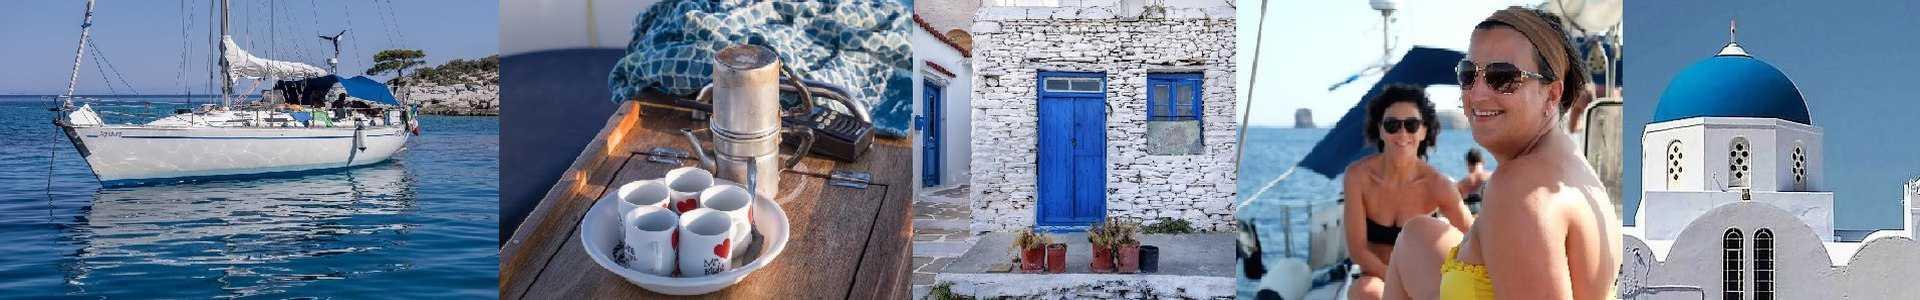 petc - Vacanze in barca a vela in Grecia